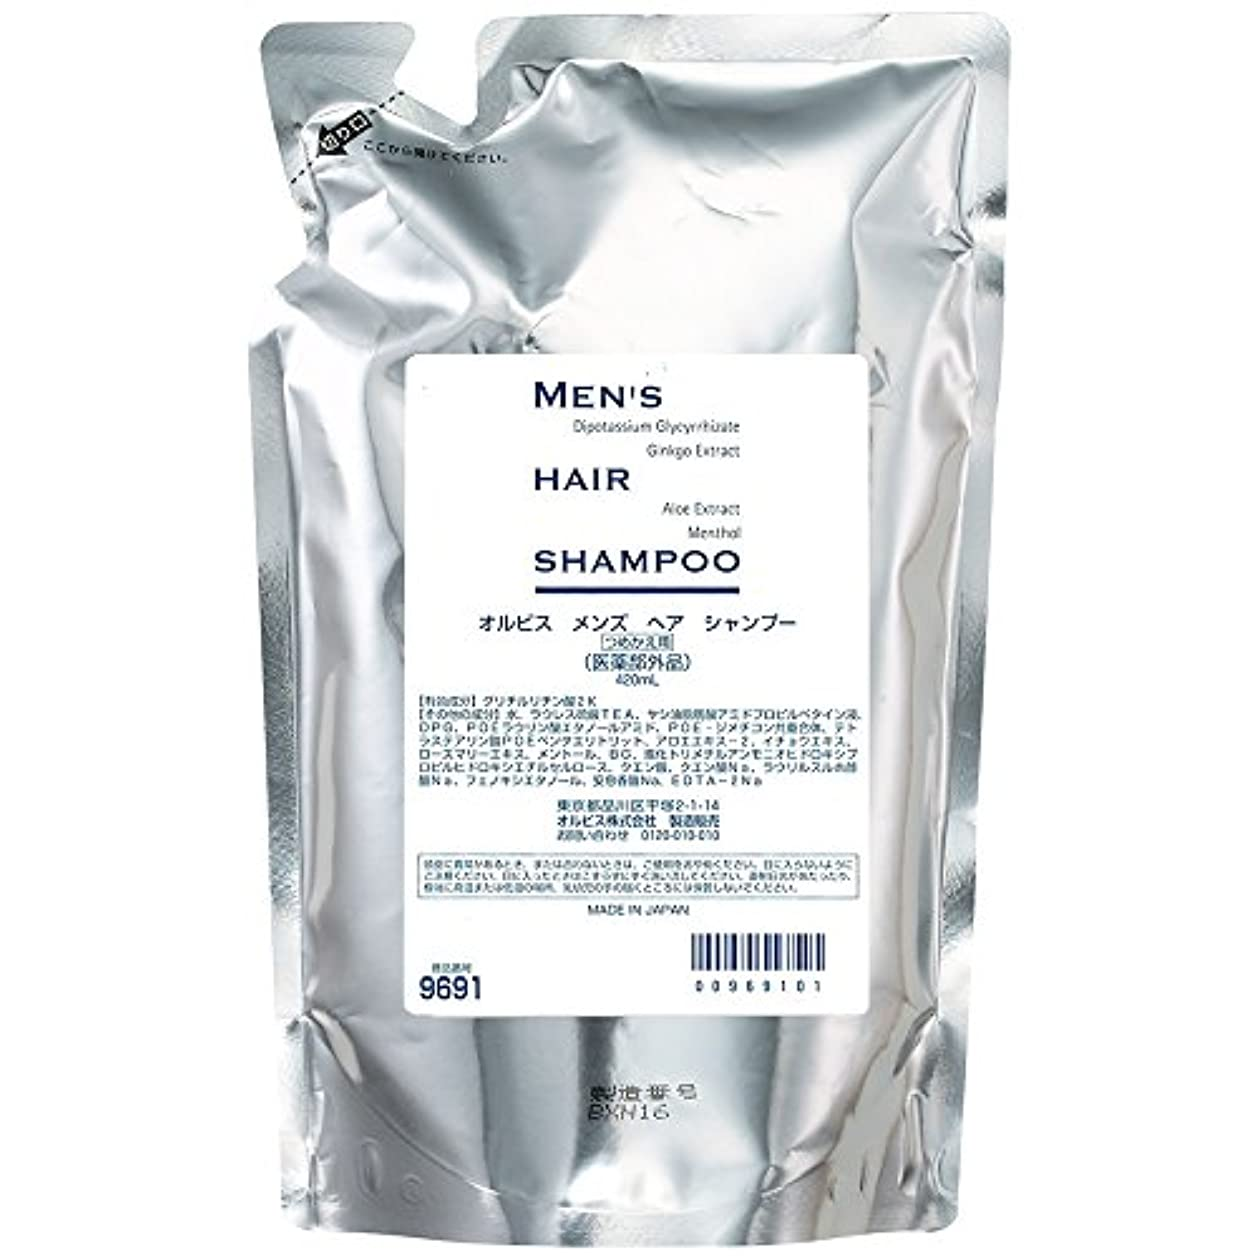 汗処分したスライムオルビス(ORBIS) メンズヘアシャンプー 詰替 420mL ◎男性用薬用シャンプー◎ [医薬部外品]